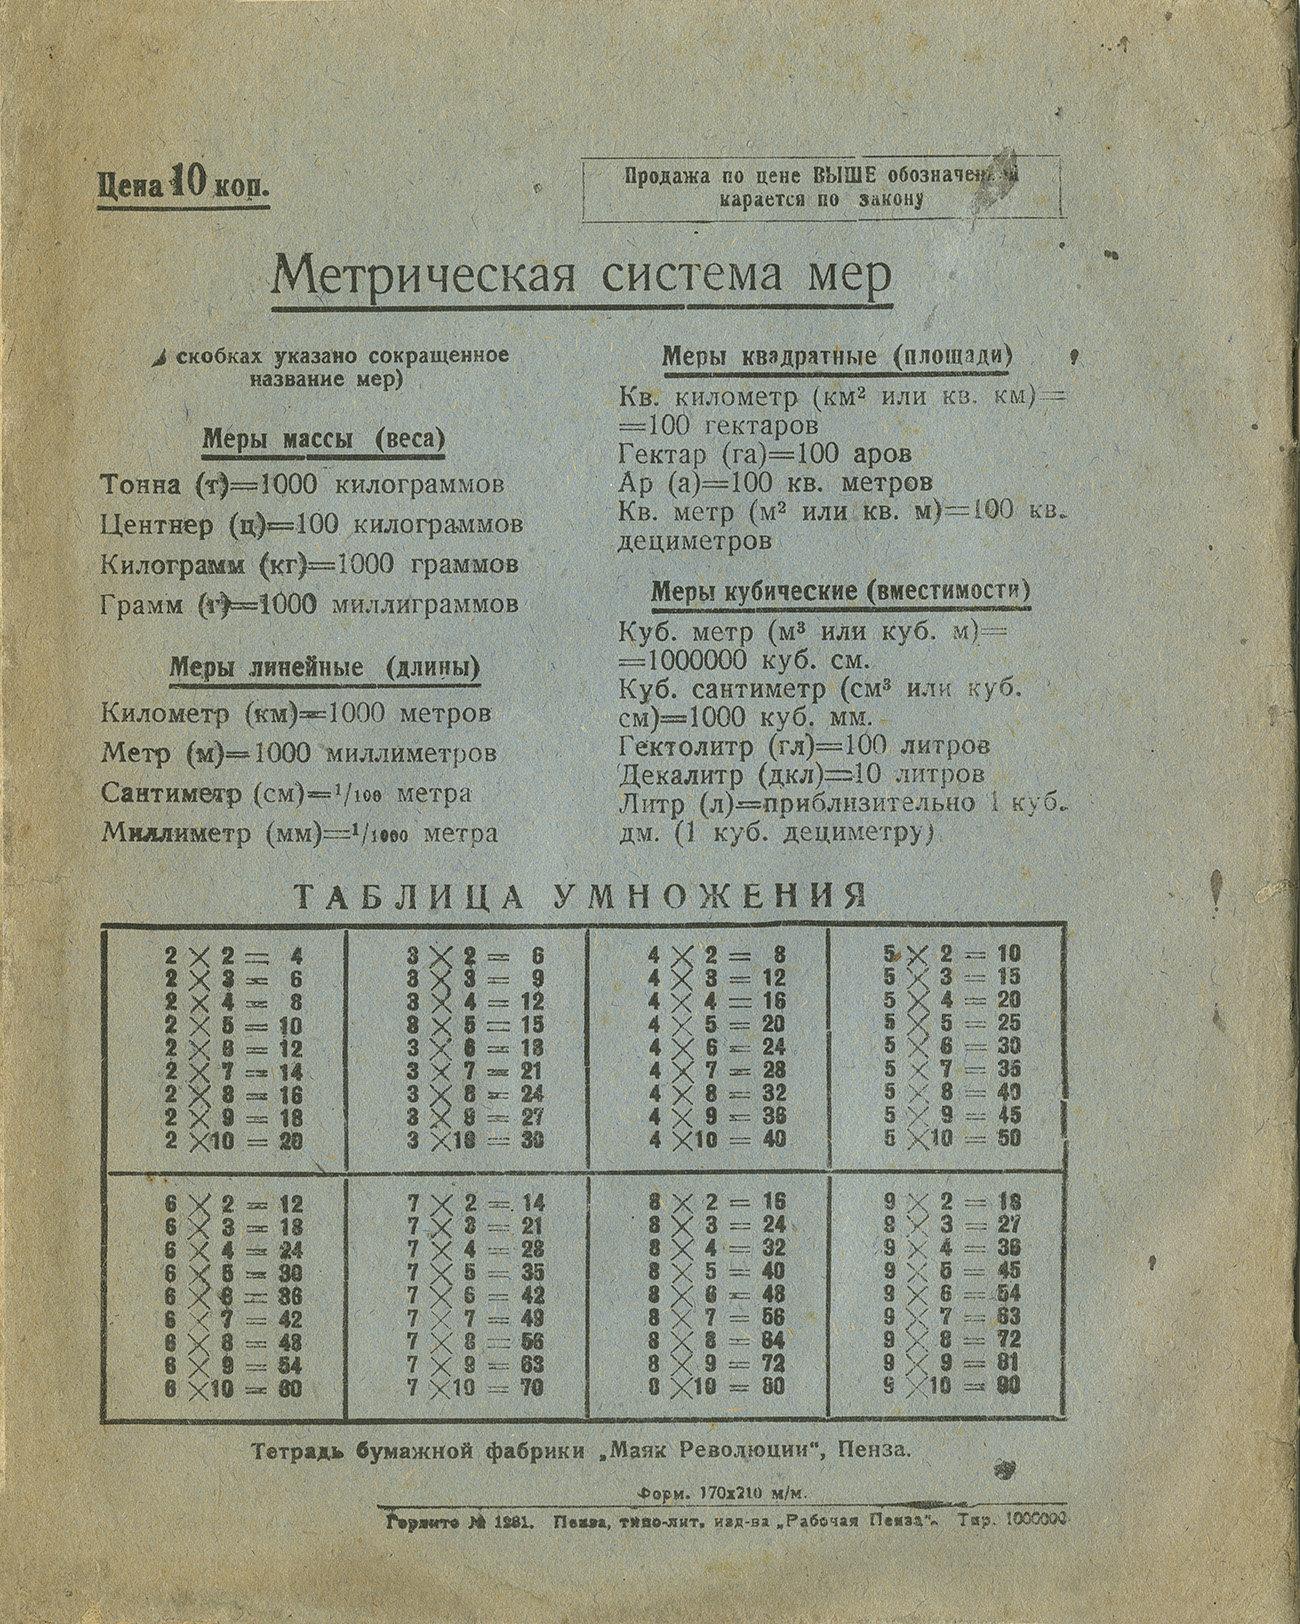 Тетрадь Ленин Сталин оборот